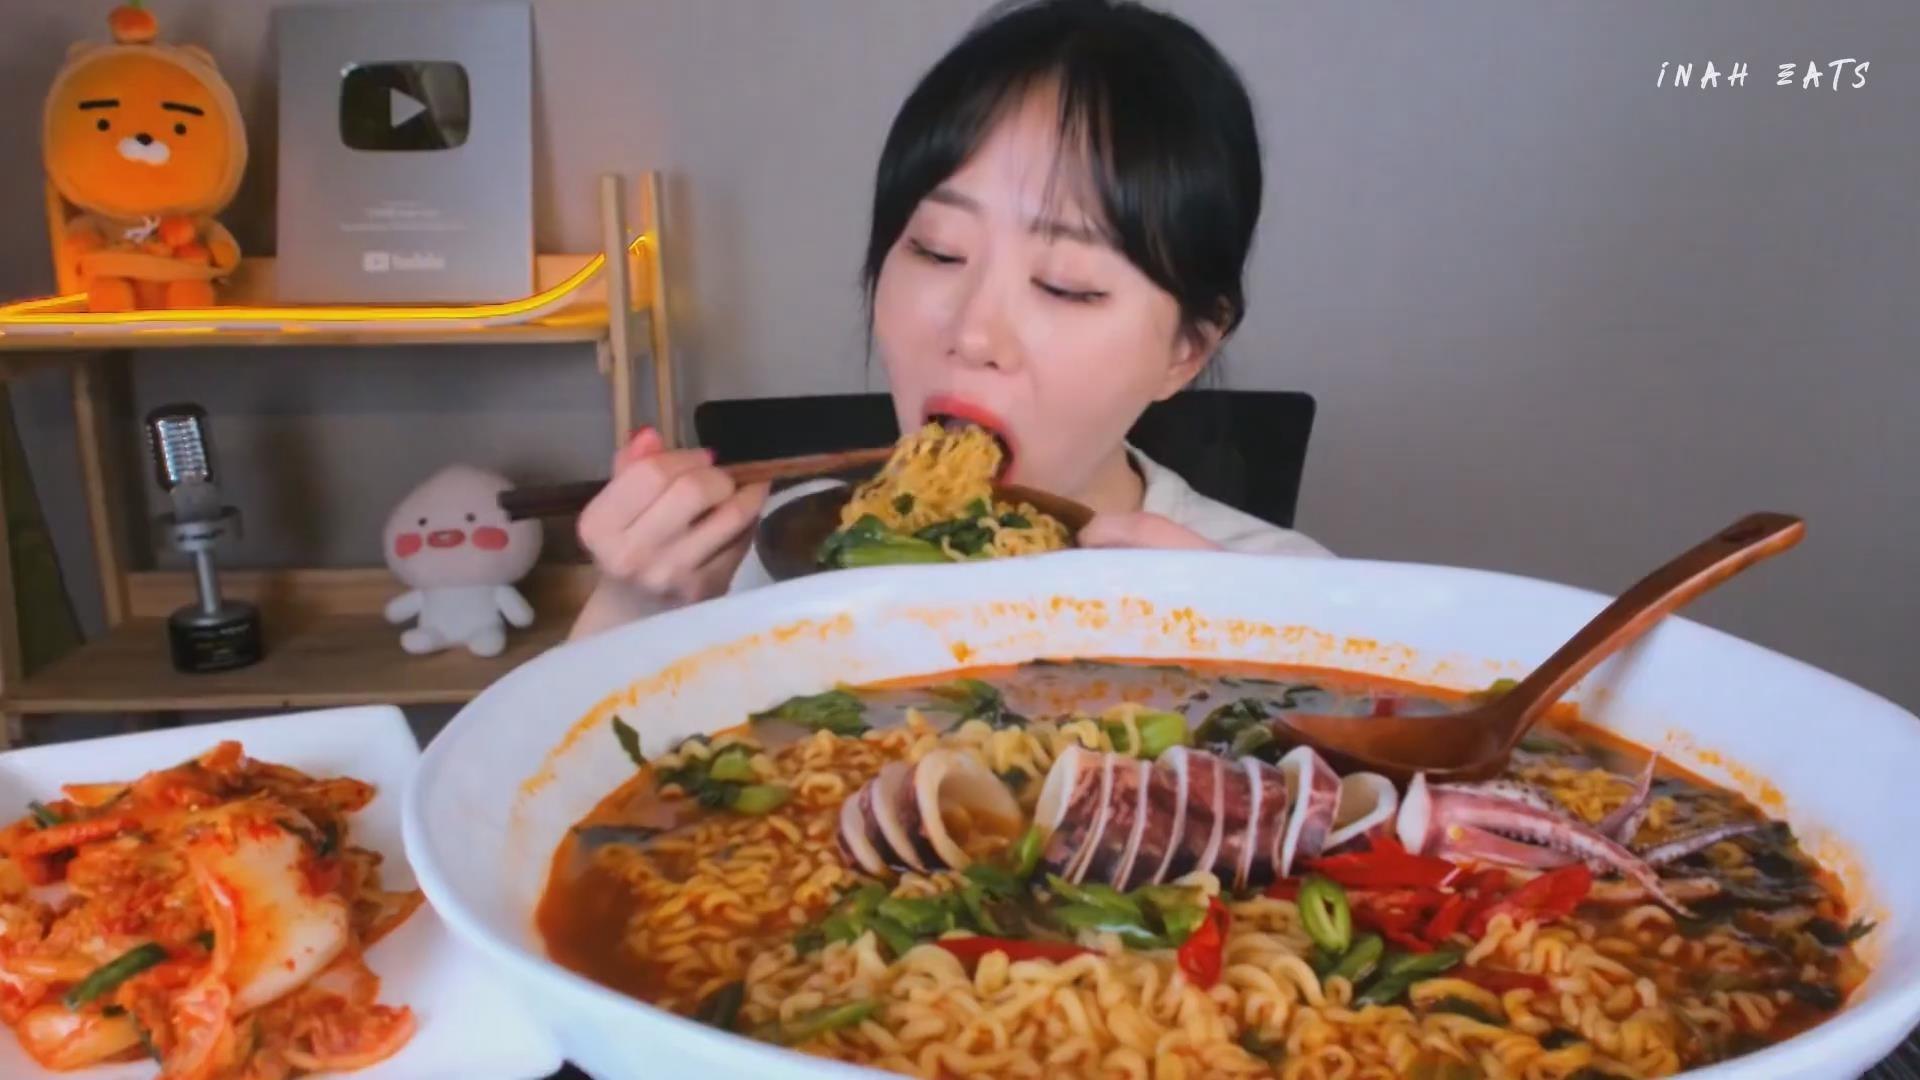 【Inah eats】 香辣鱿鱼海鲜面